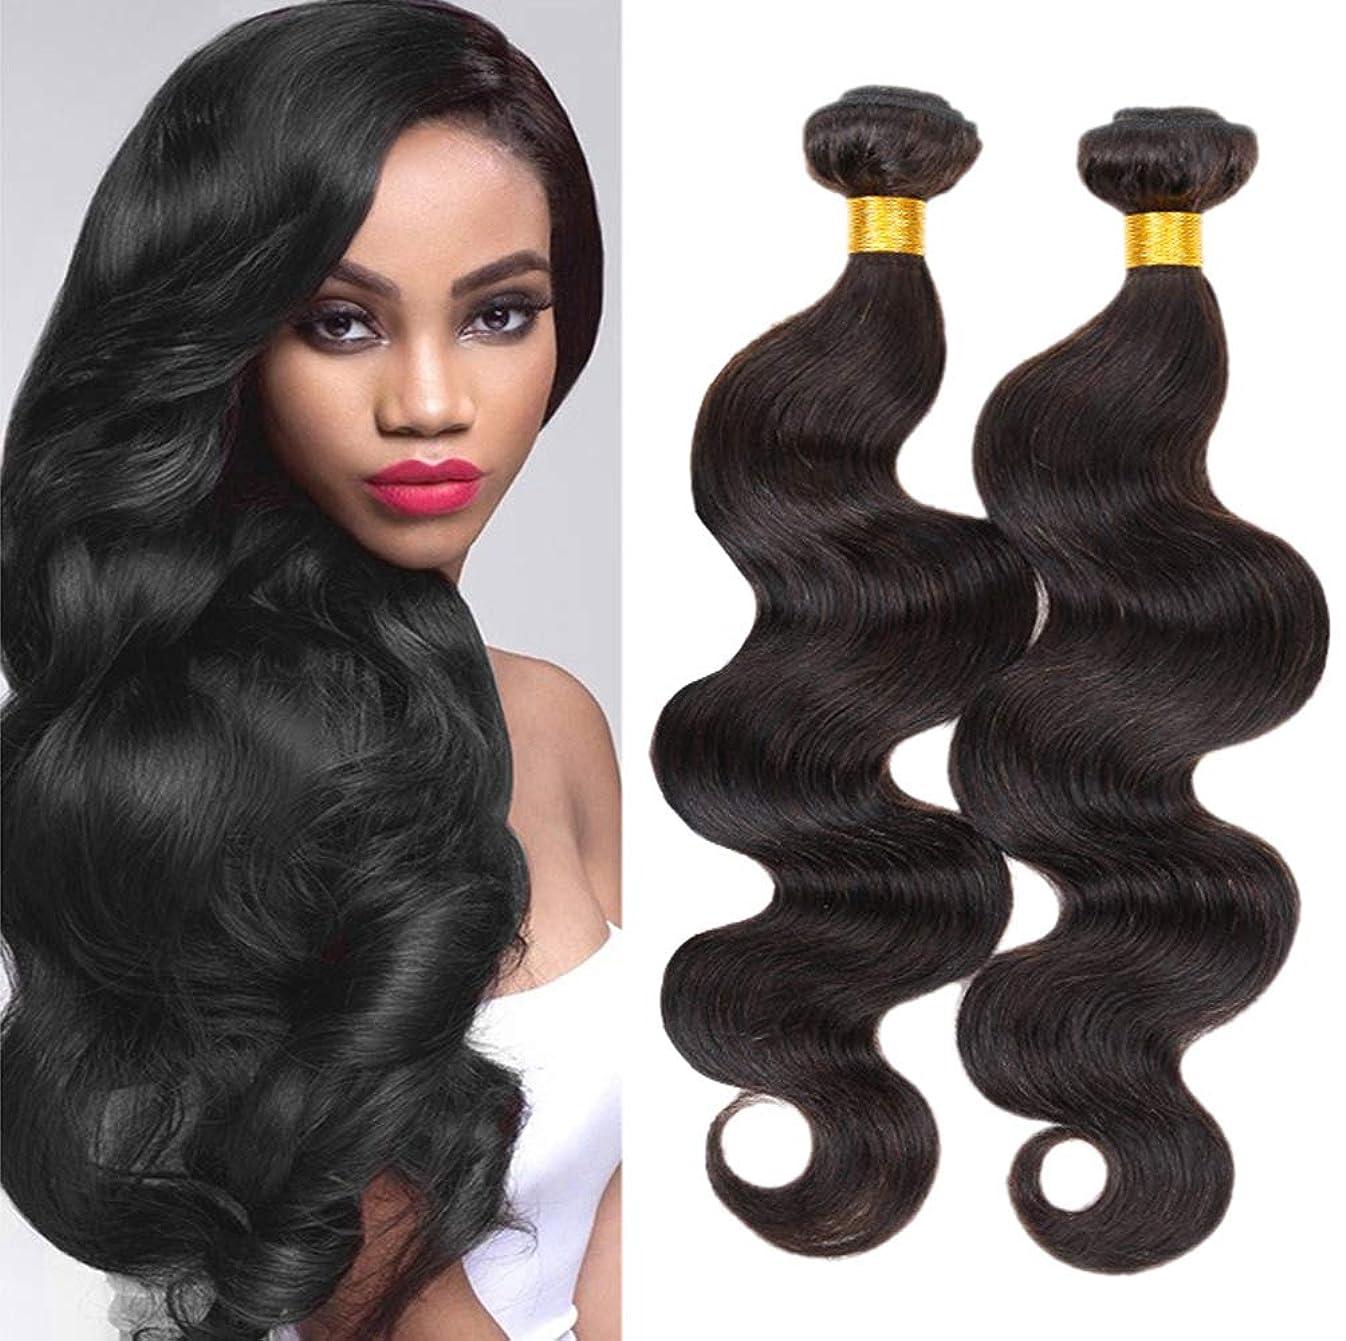 わがままコンチネンタル有害な女性の髪織り未処理の実体波髪1バンドルマレーシア100%本物の人間の髪横糸バージンヘア